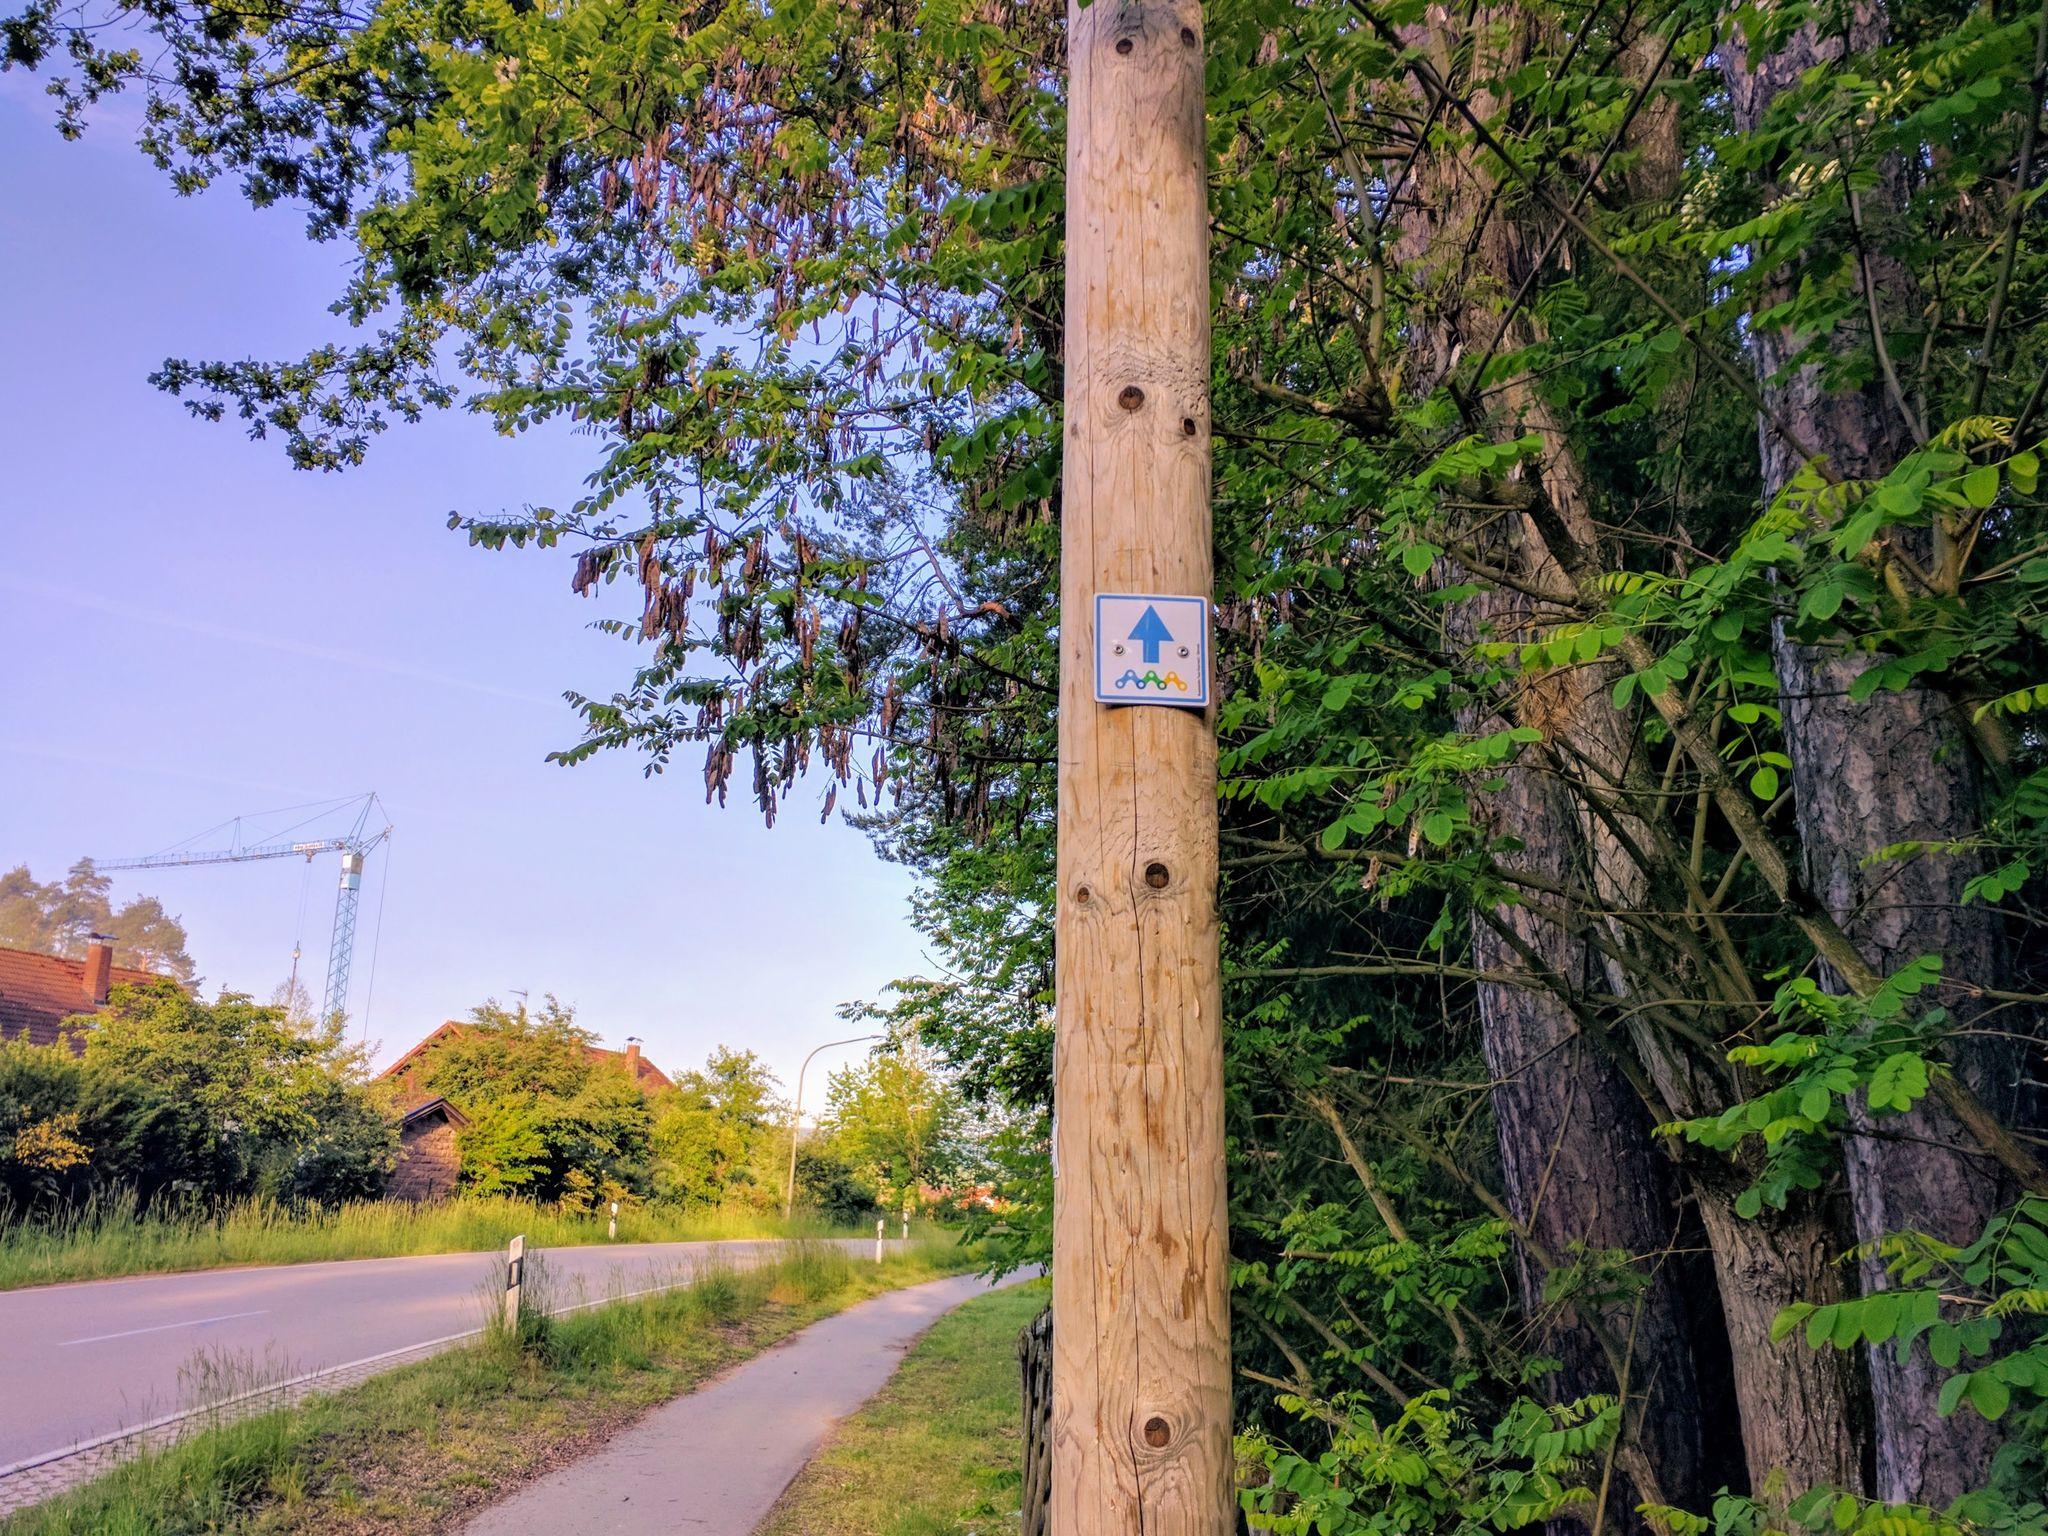 Erster Wegweiser für die Trans Bayerwald in Neubäu